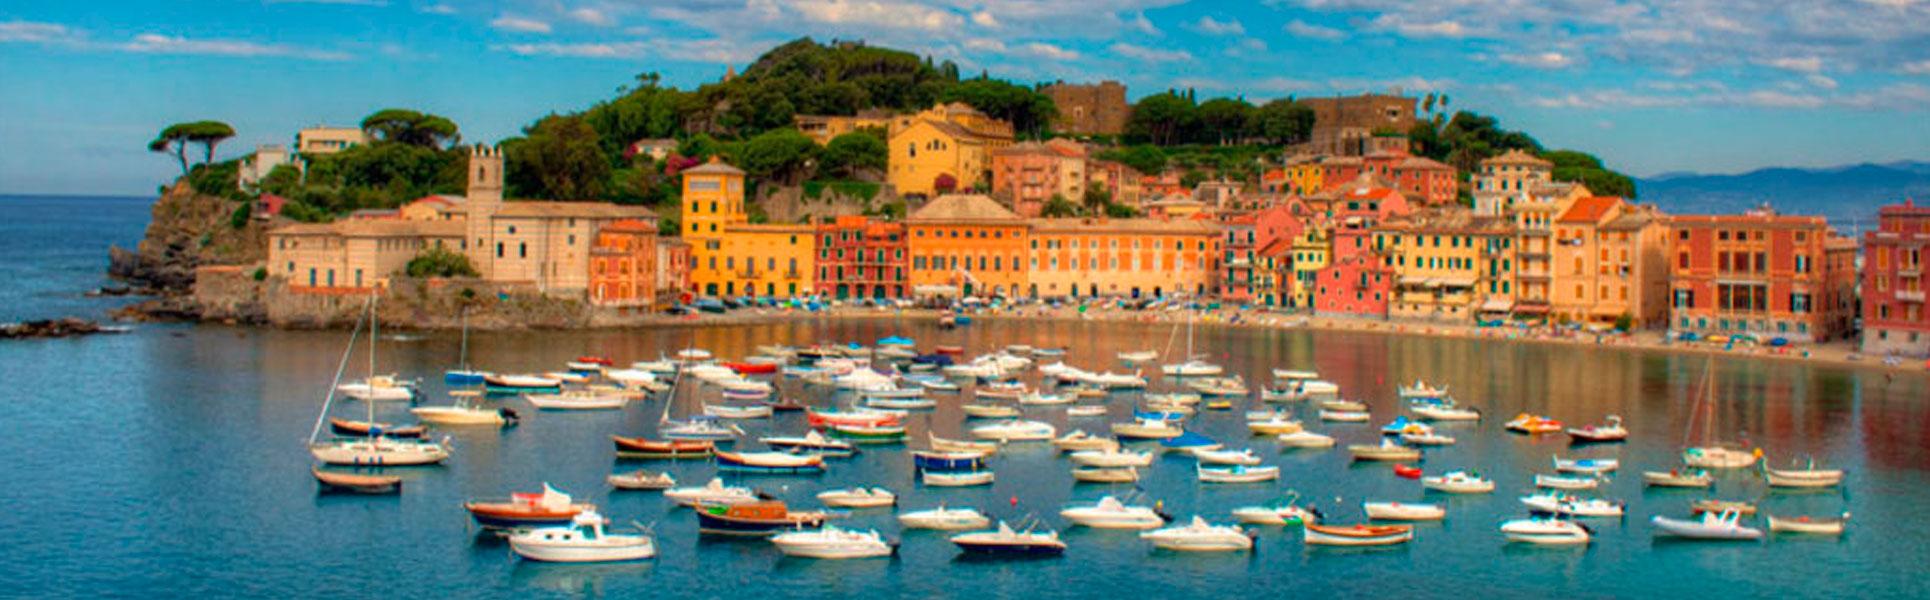 Consolidamento Fondazioni in Liguria